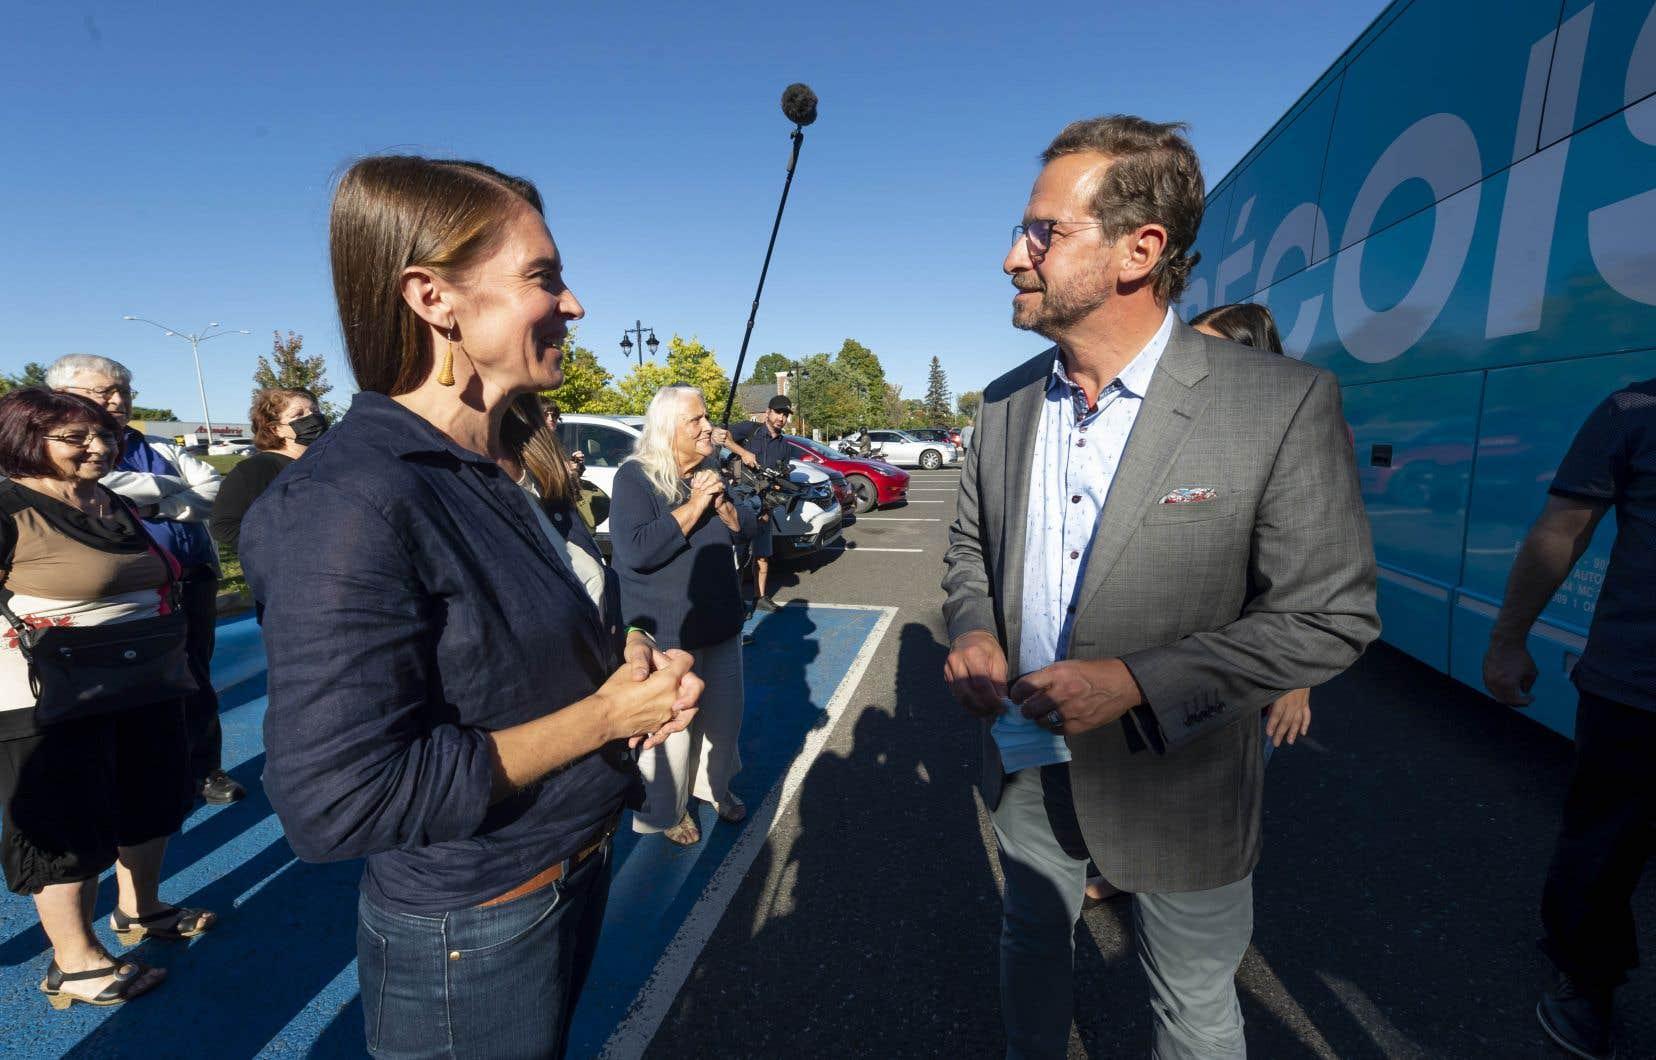 La bloquiste Marilou Alarie a fini deuxième à 200 voix près dans Brome-Missisquoi. On la voit ici aux côtés d'Yves-François Blanchet, le chef du Bloc, lors de la campagne électorale.